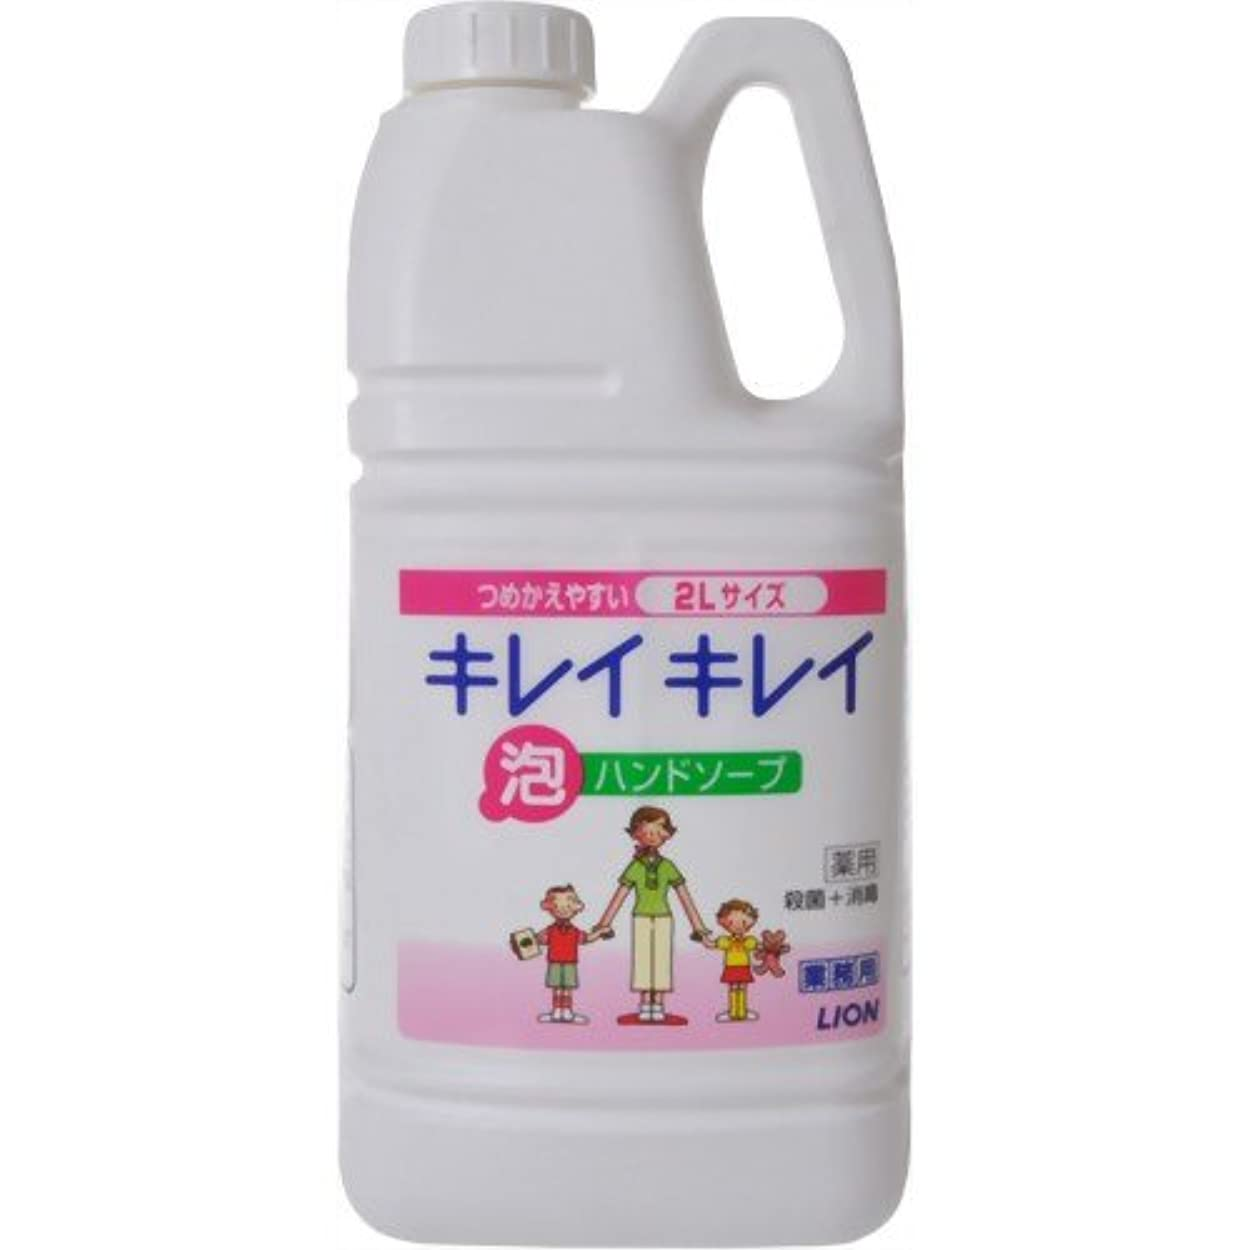 漂流漁師腐ったキレイキレイ薬用泡ハンドソープ2L(業務用)